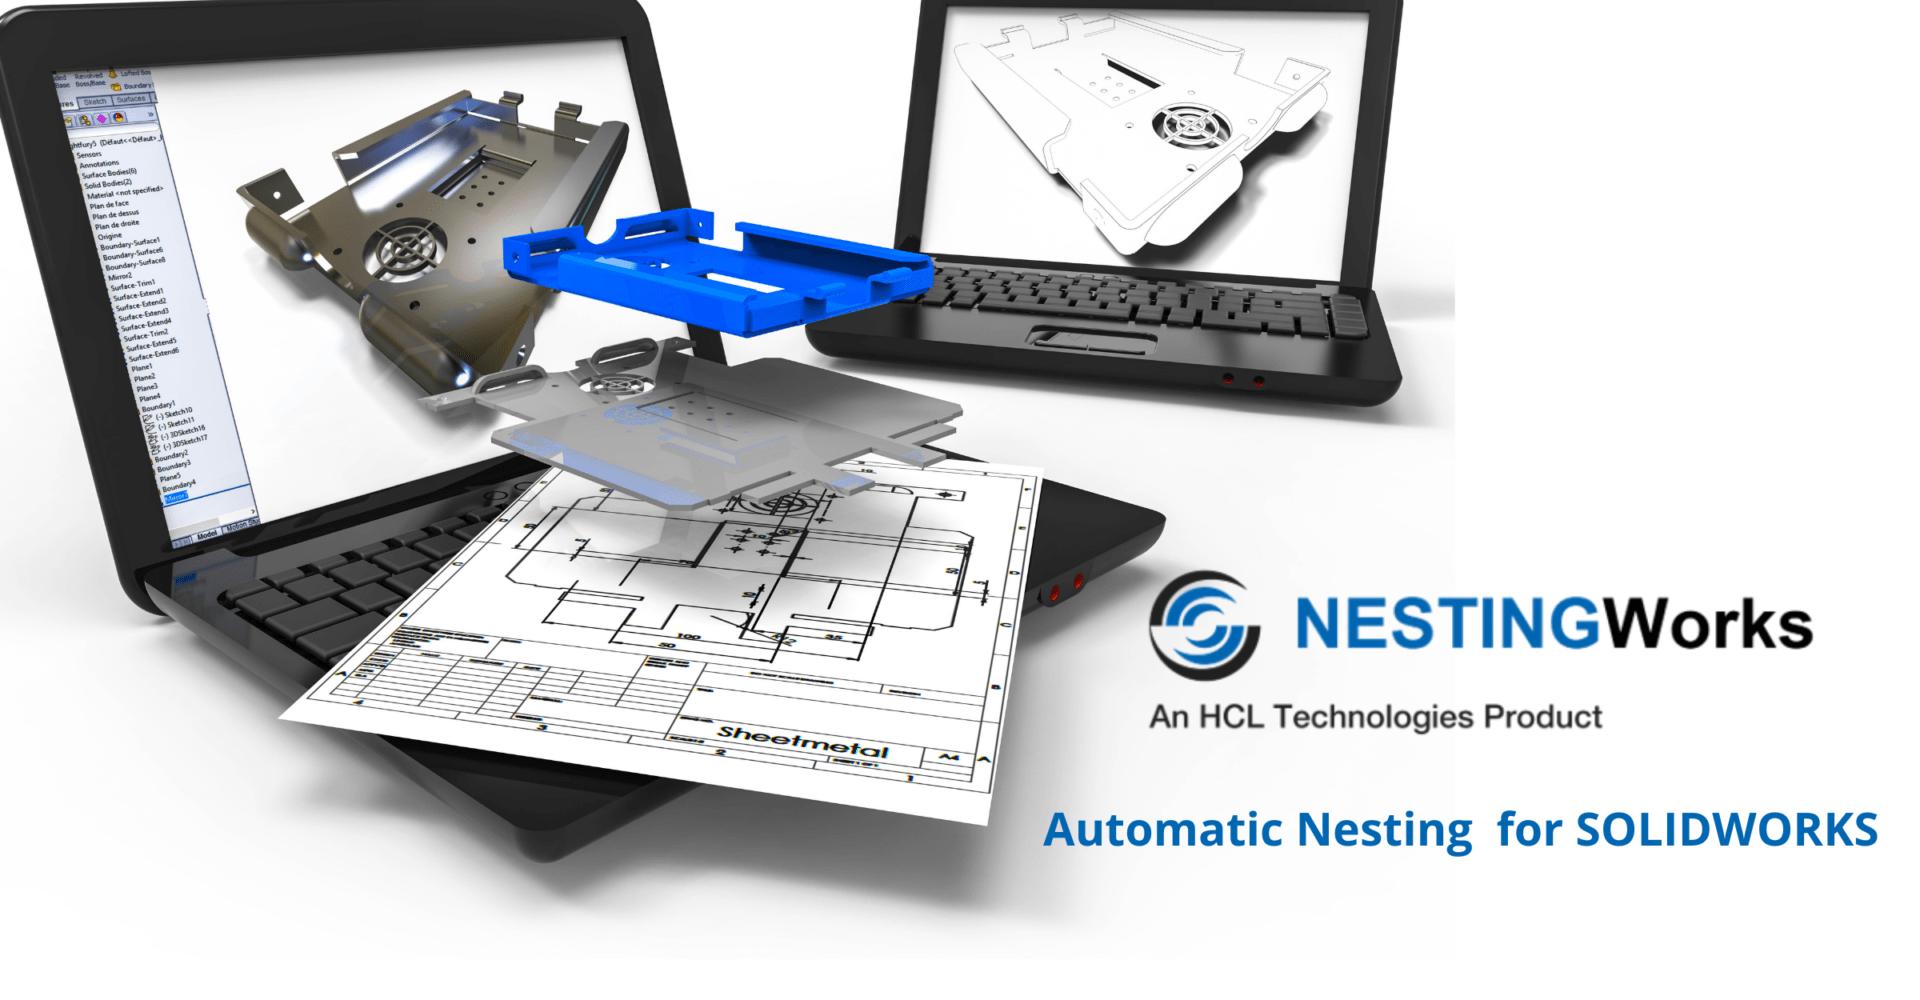 NestingWorks Software